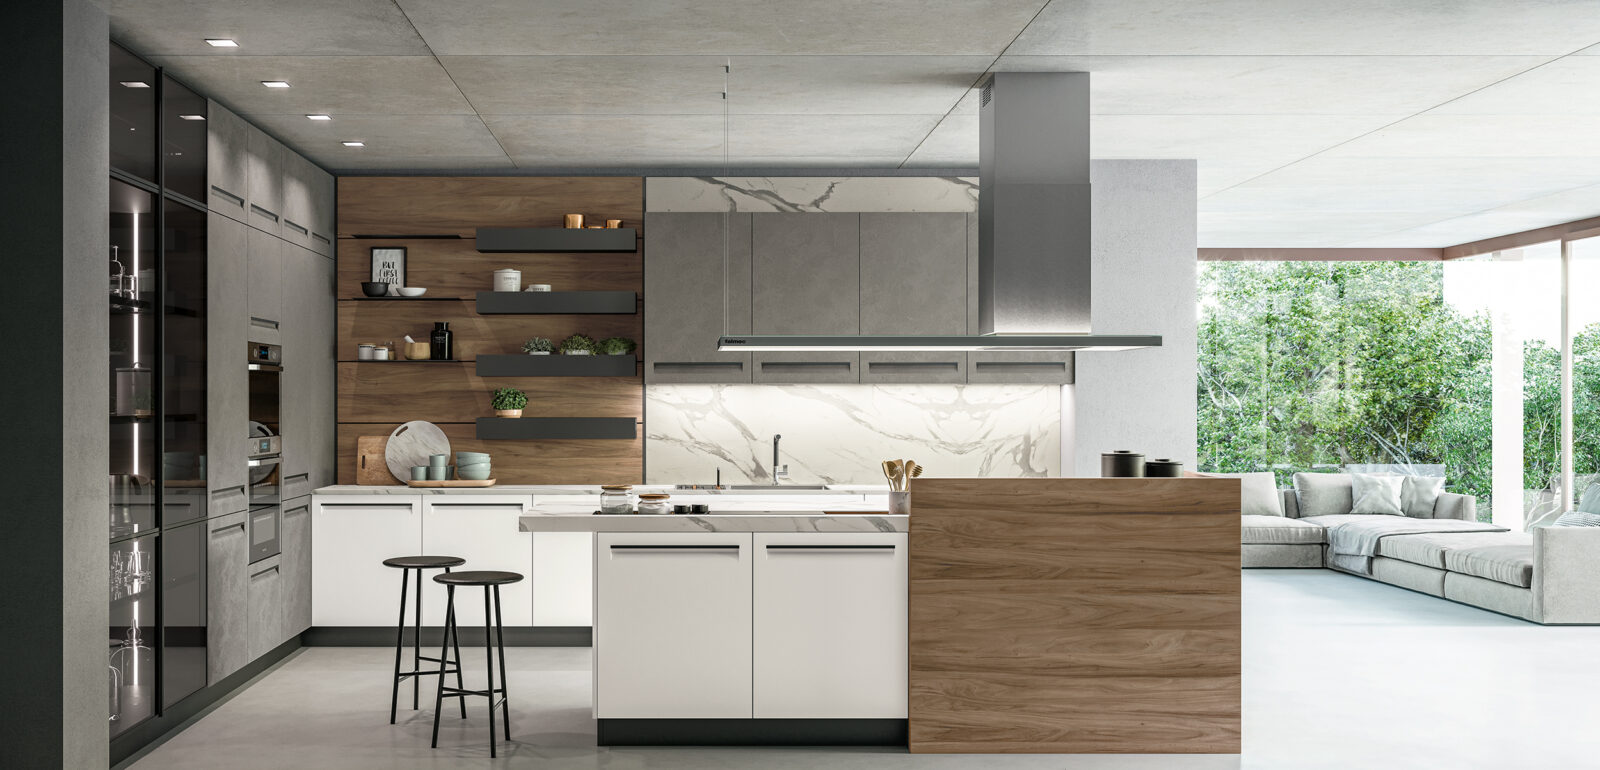 arredamento moderno a Treviso - cucina Arredo3